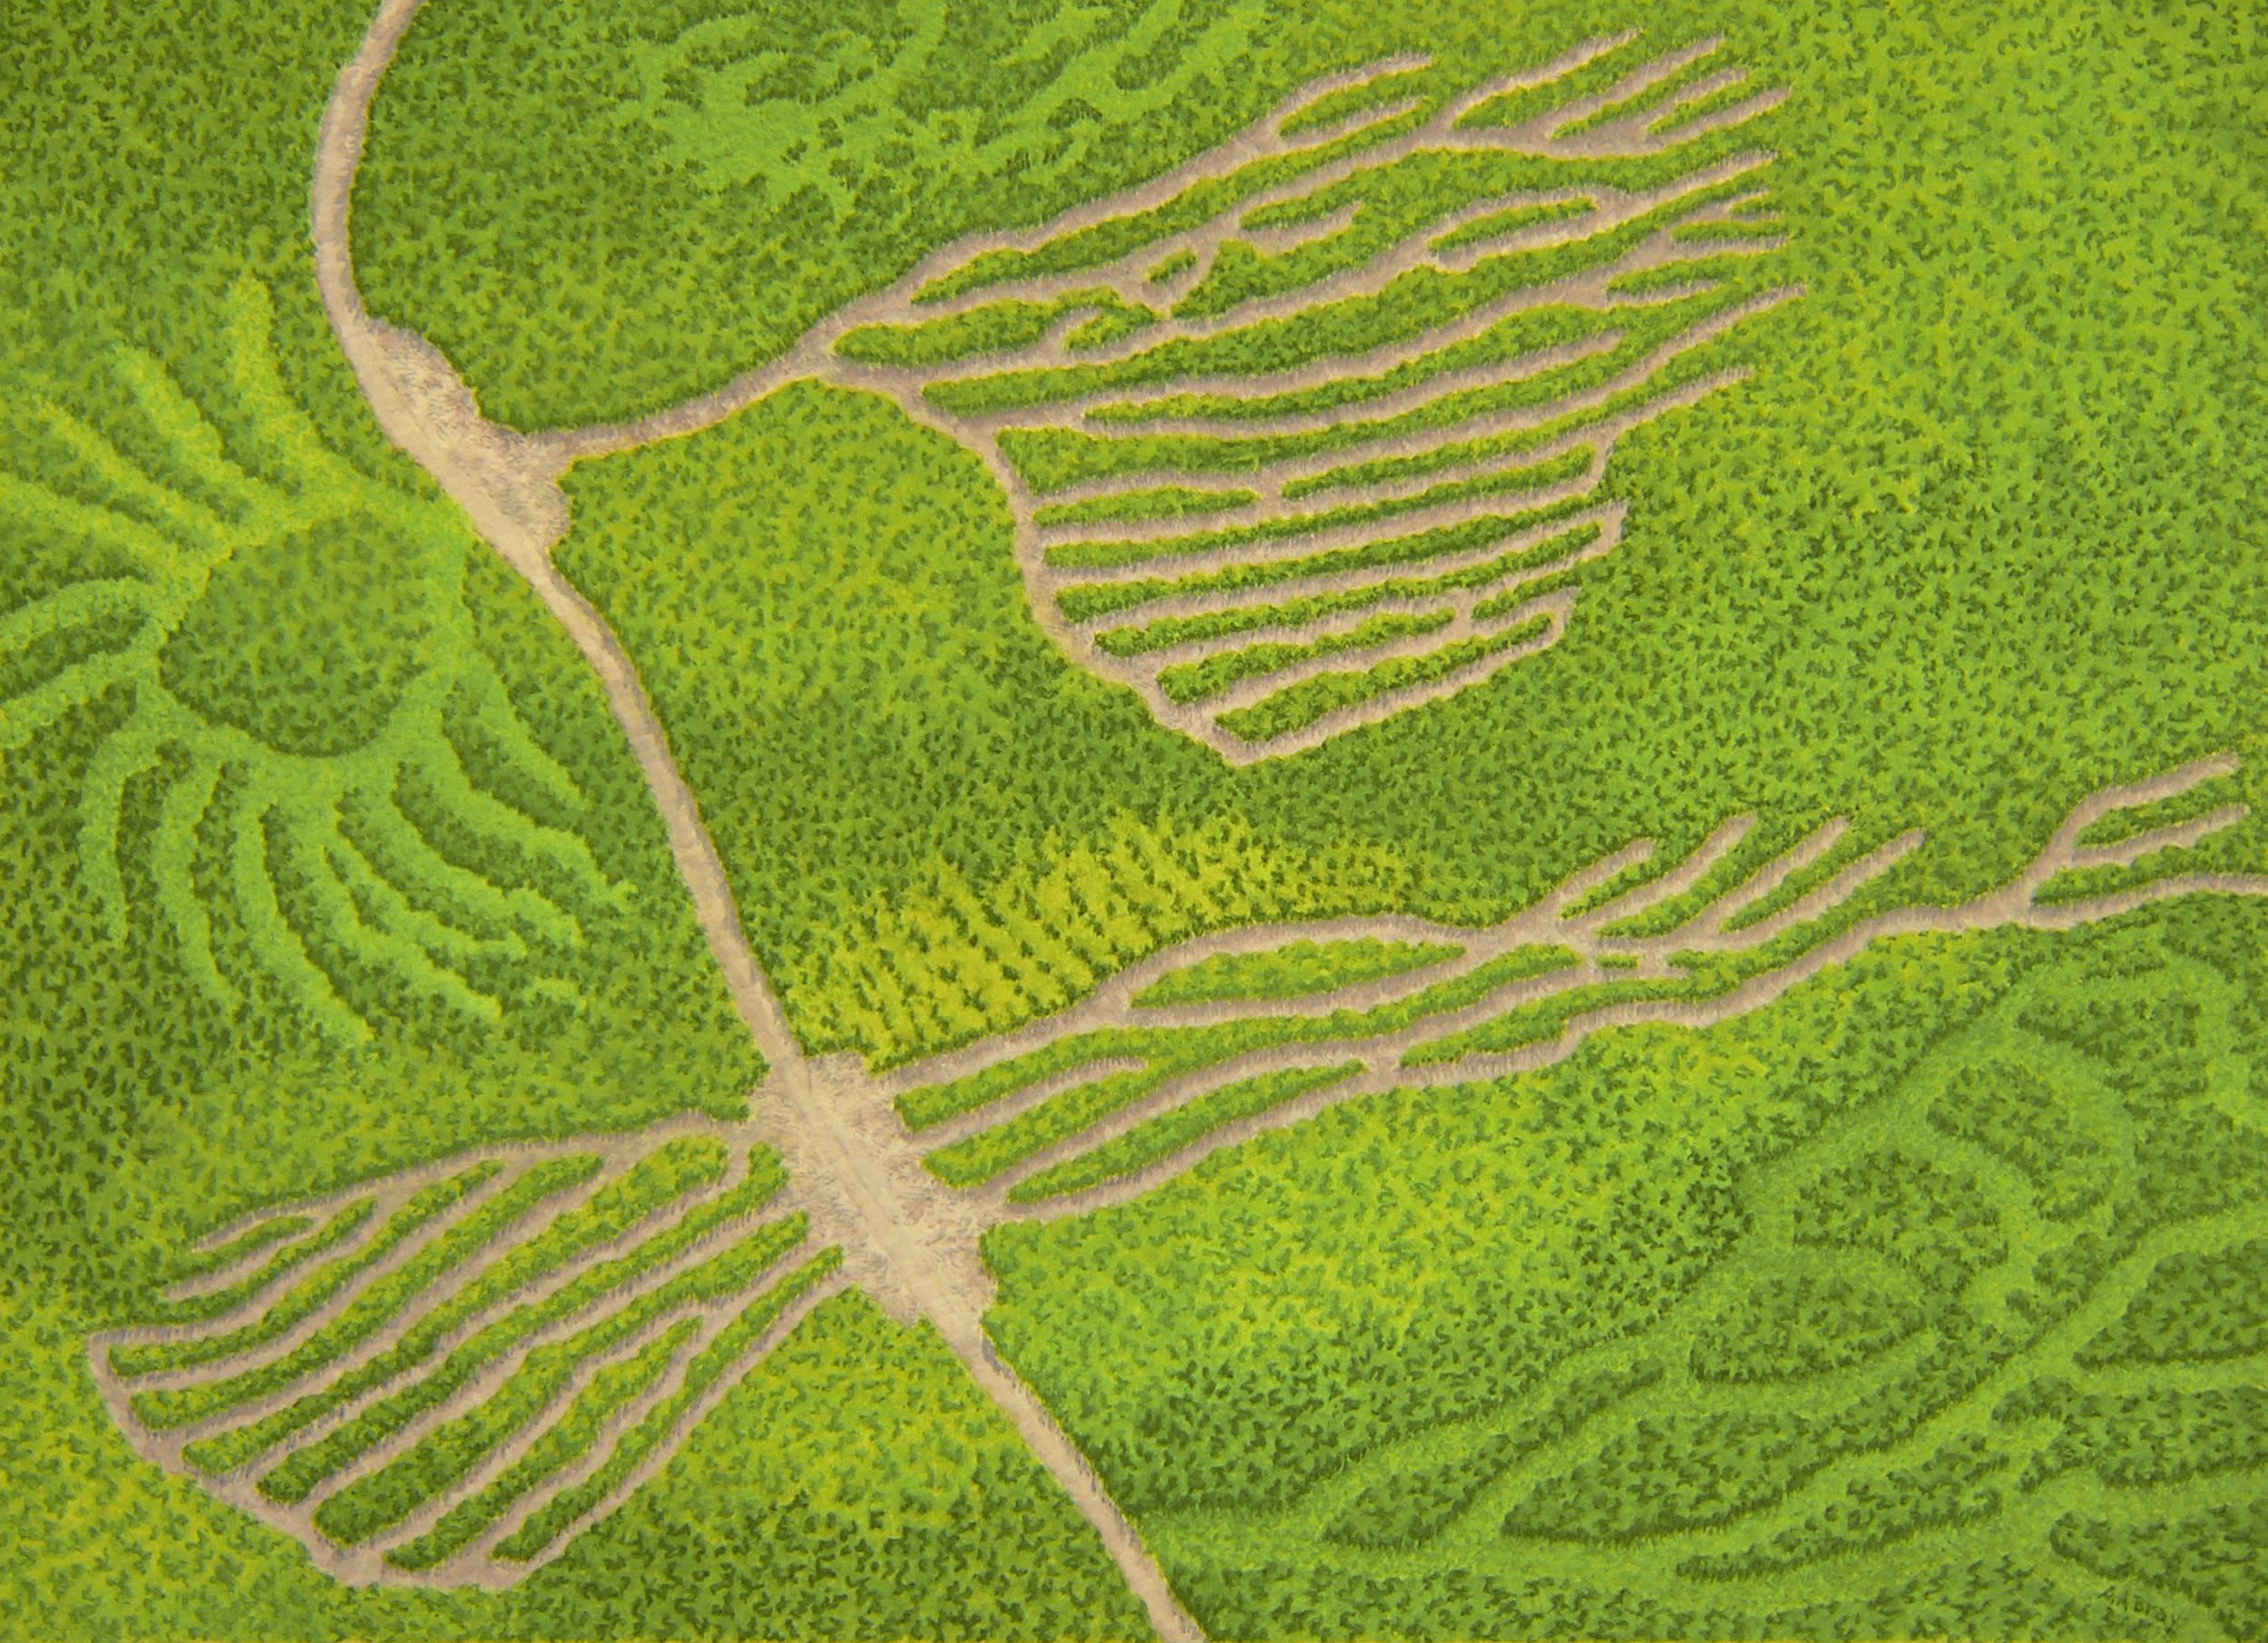 Terrain Vague, green Casein Maine landscape painting, 2015